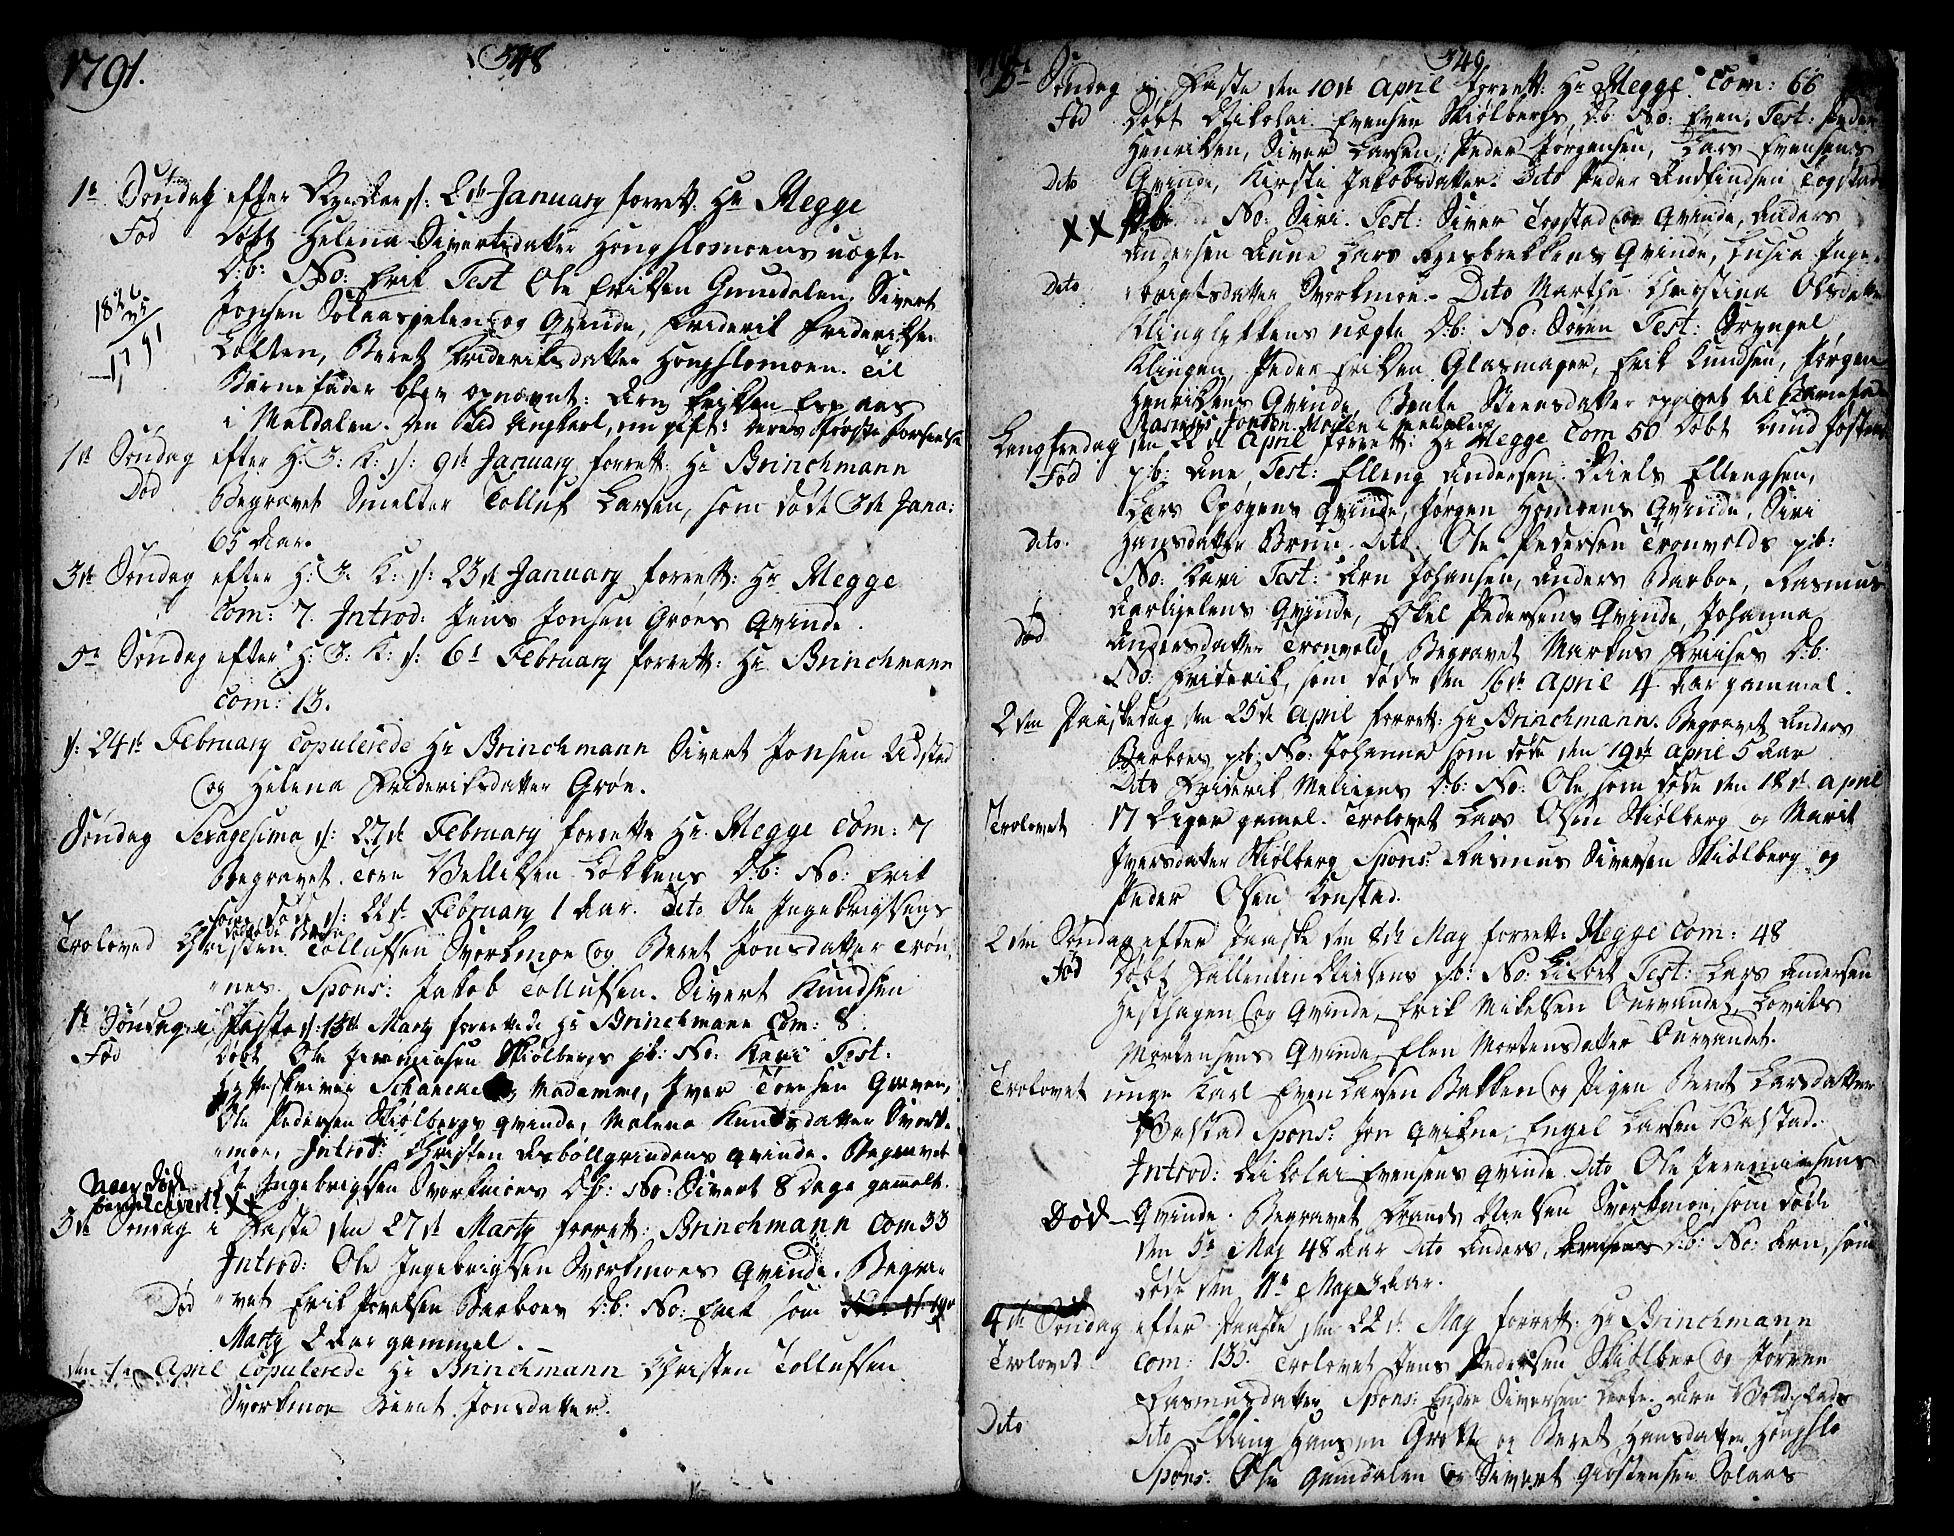 SAT, Ministerialprotokoller, klokkerbøker og fødselsregistre - Sør-Trøndelag, 671/L0840: Ministerialbok nr. 671A02, 1756-1794, s. 348-349